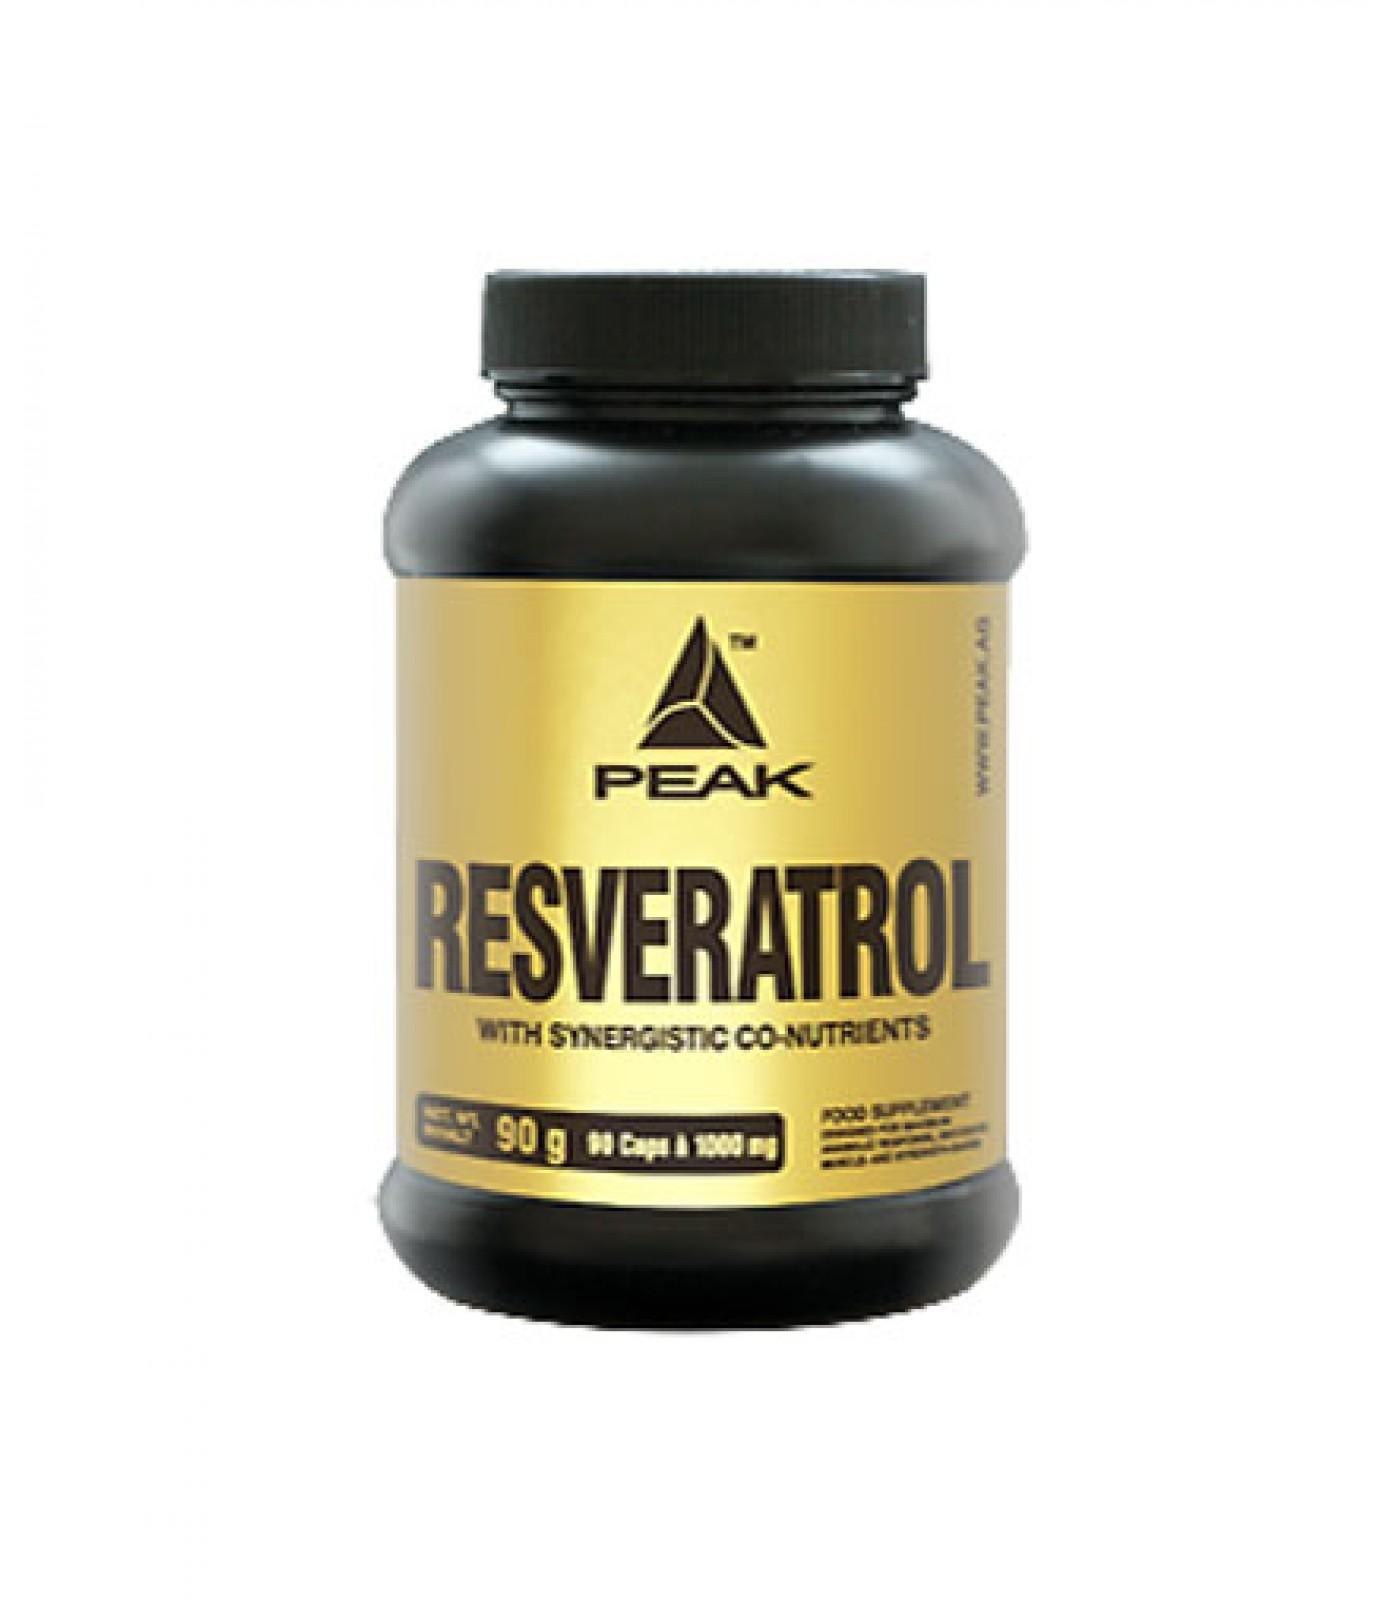 Peak - Resveratrol / 90 caps